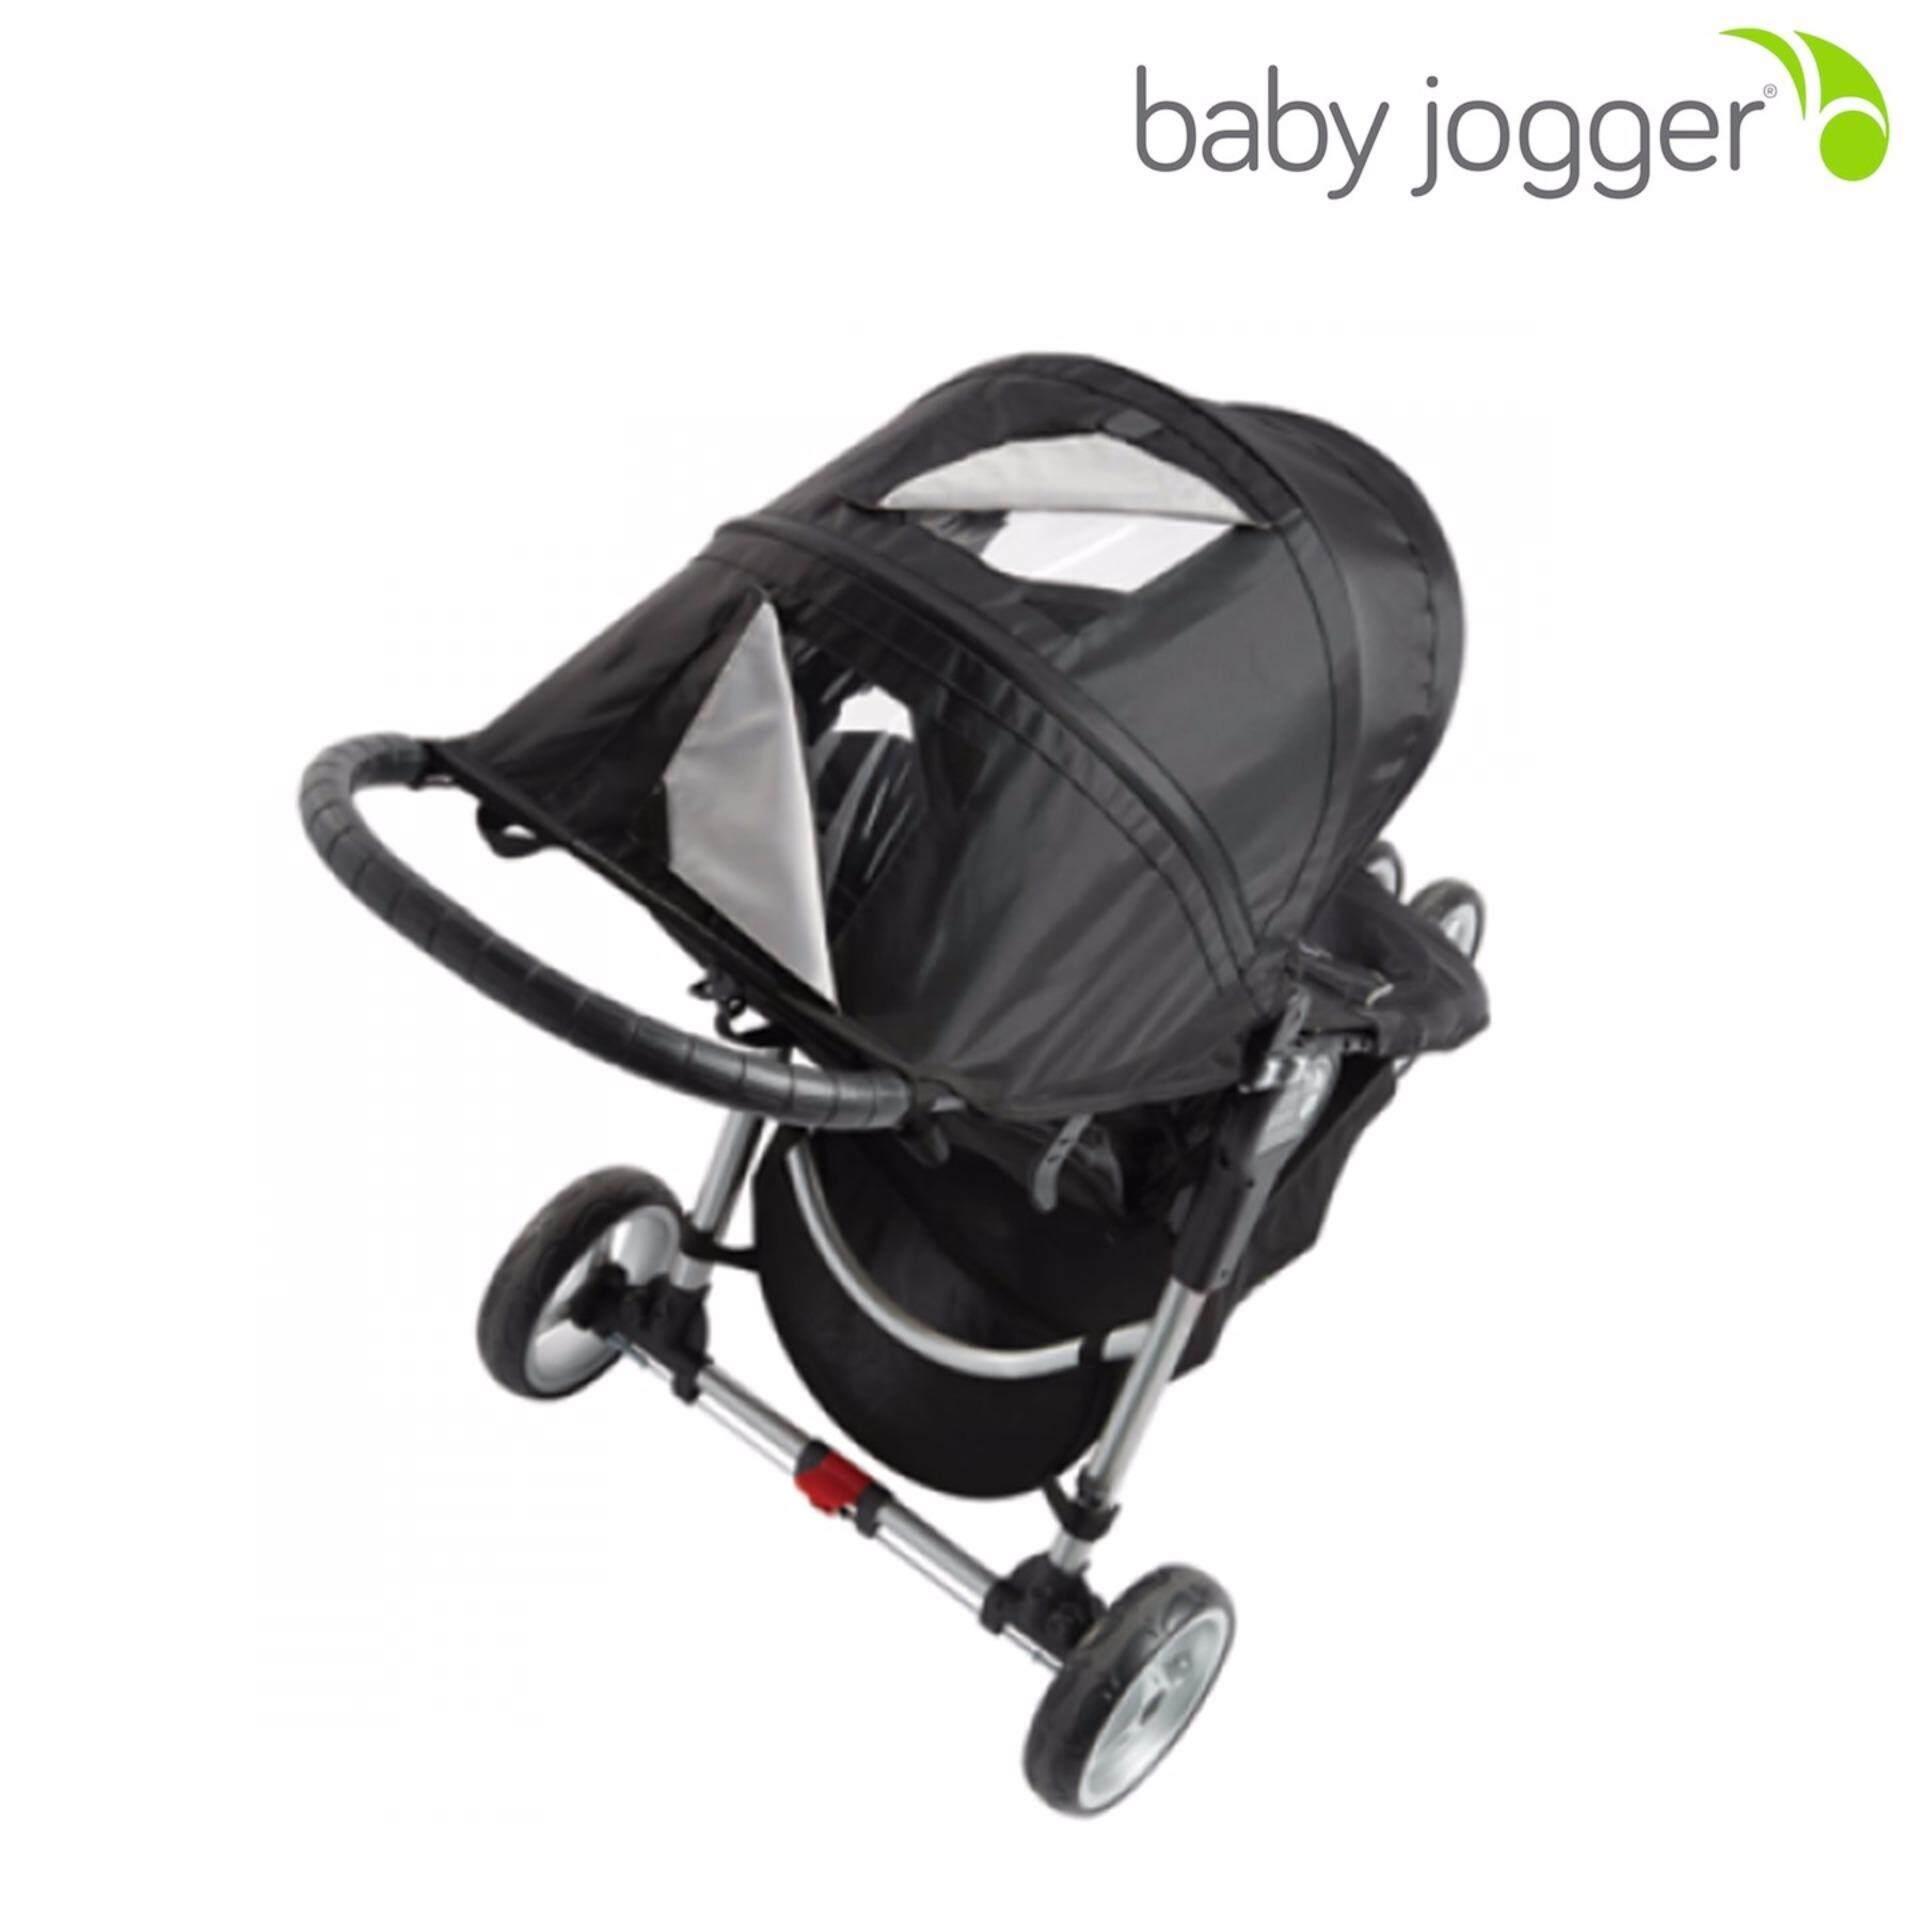 สั่งซื้อ Baby Jogger รถเข็นเด็ก City Mini (Black/Gray) จะซื้อยี่ห้อไหนดี